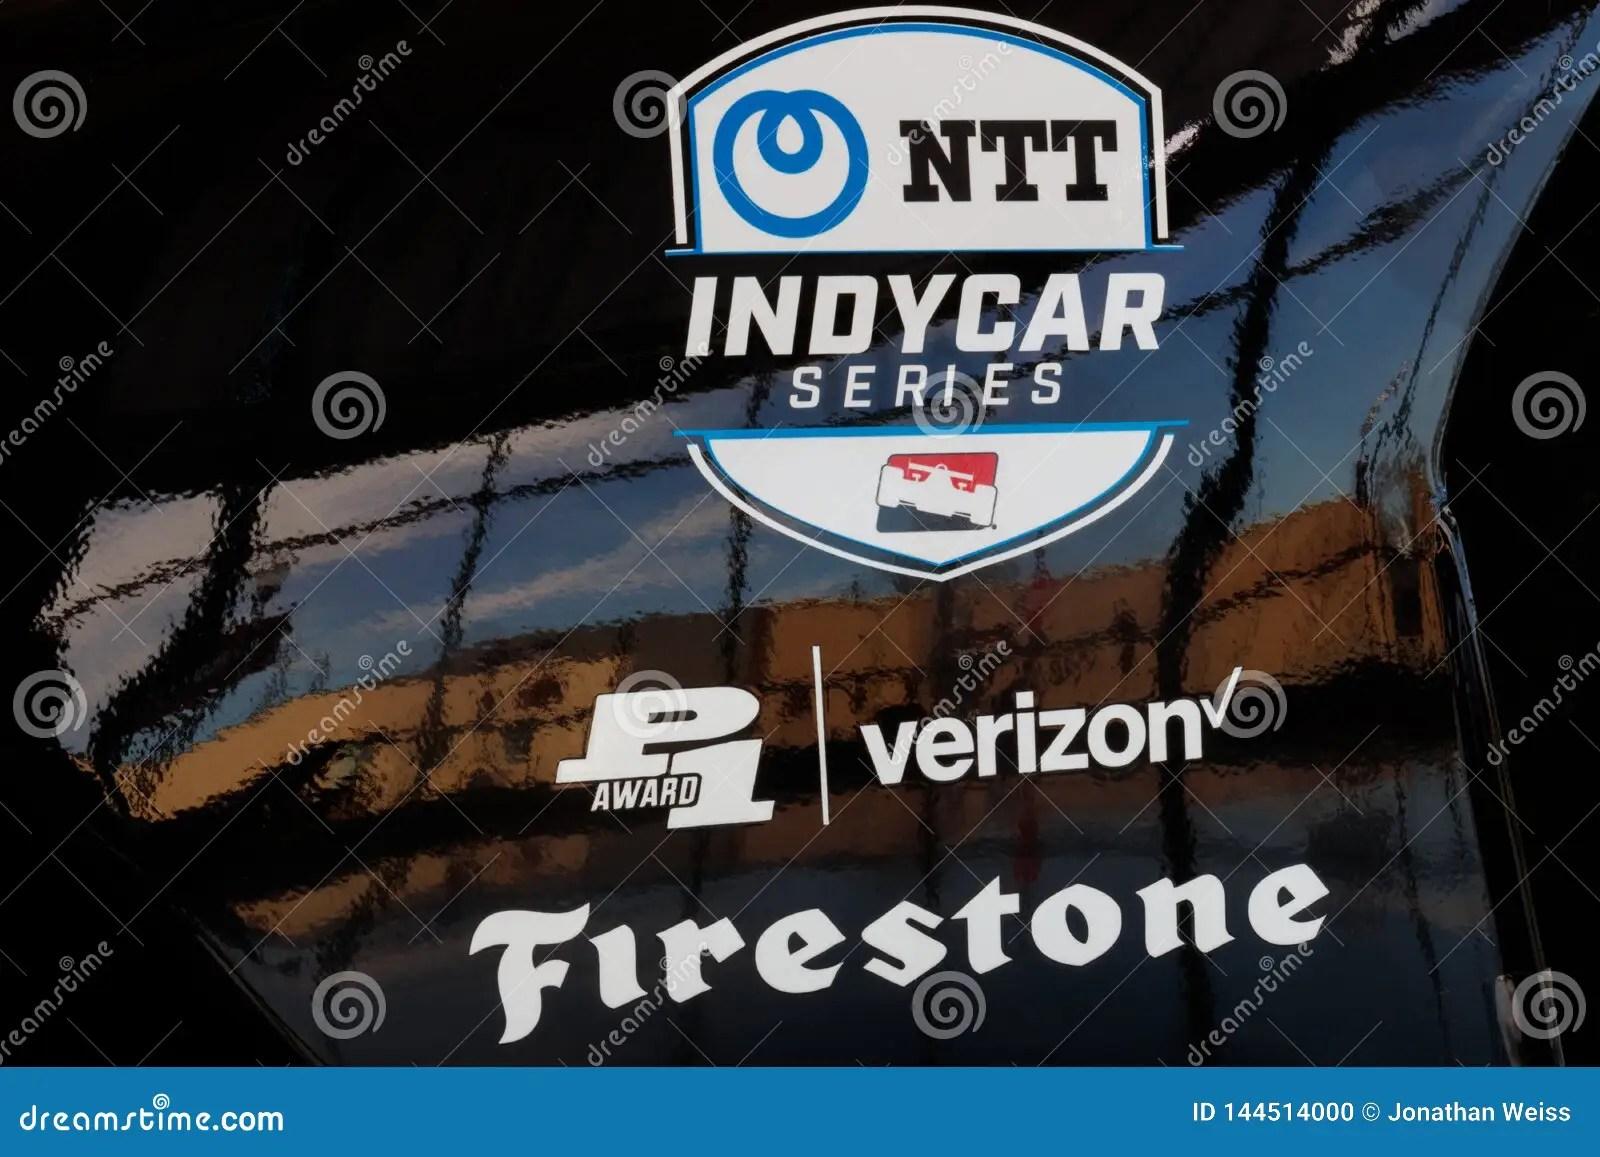 67+ Ntt Indycar Logo